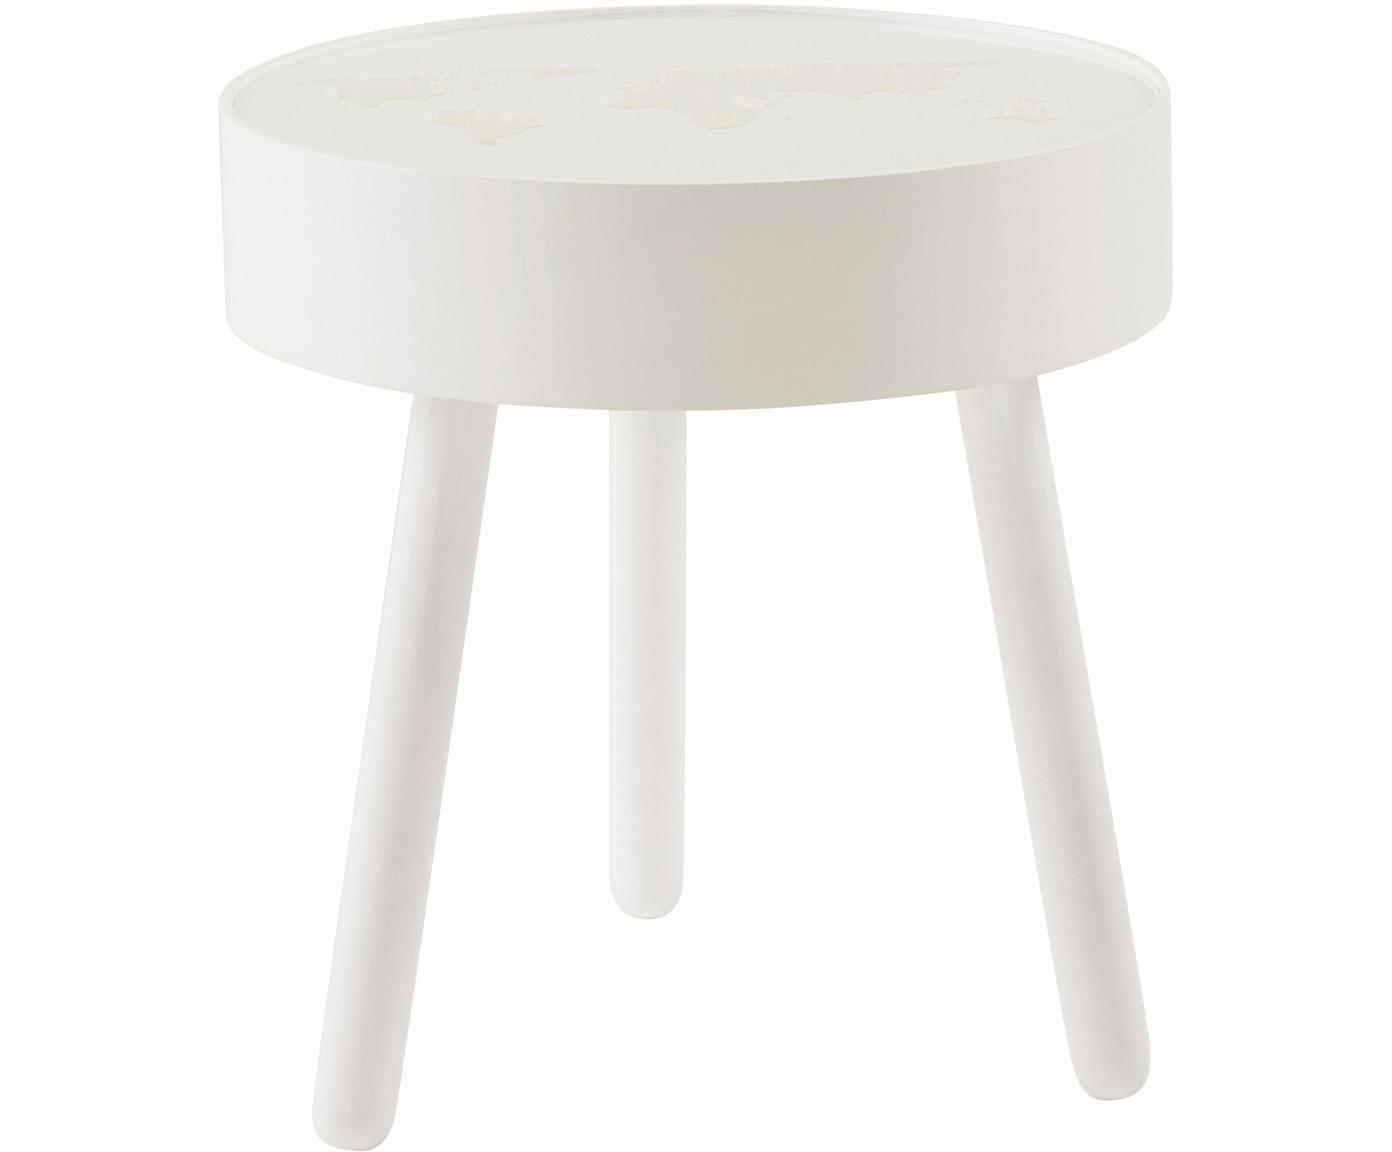 Tavolino a LED Monroy, Struttura: legno, Piano d'appoggio: vetro acrilico, Bianco, Ø 40 x Alt. 42 cm